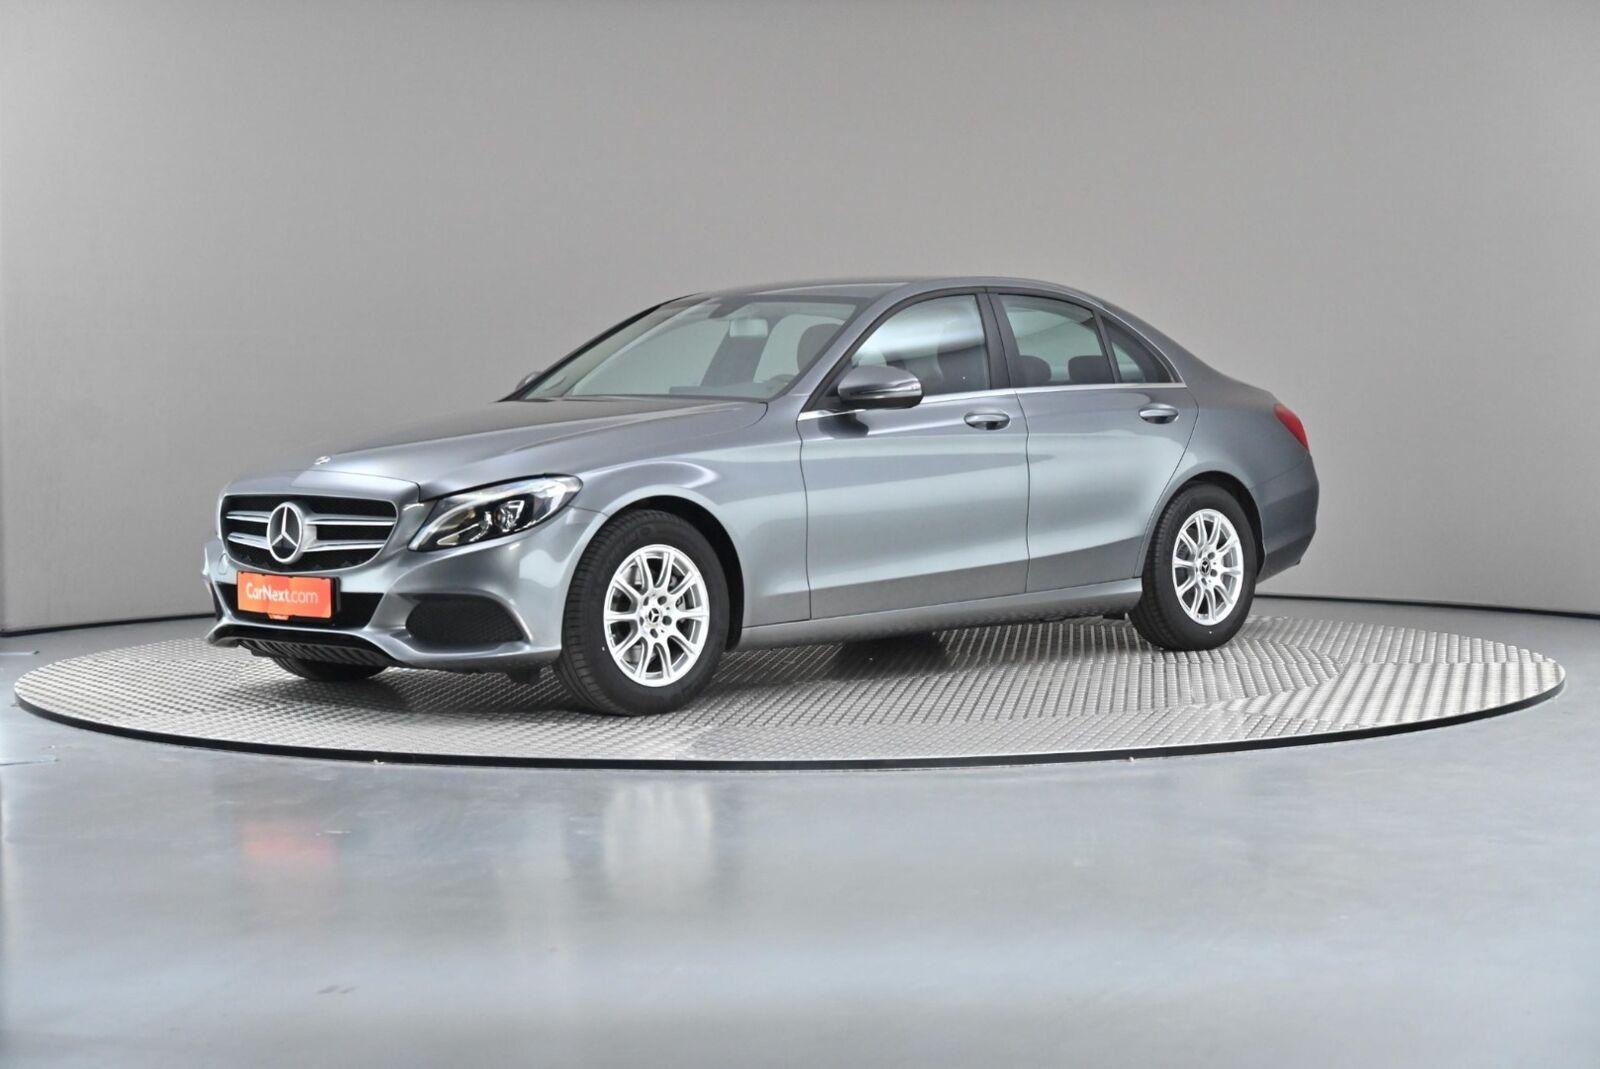 Mercedes C220 d 2,2 Business aut. 4d - 299.900 kr.